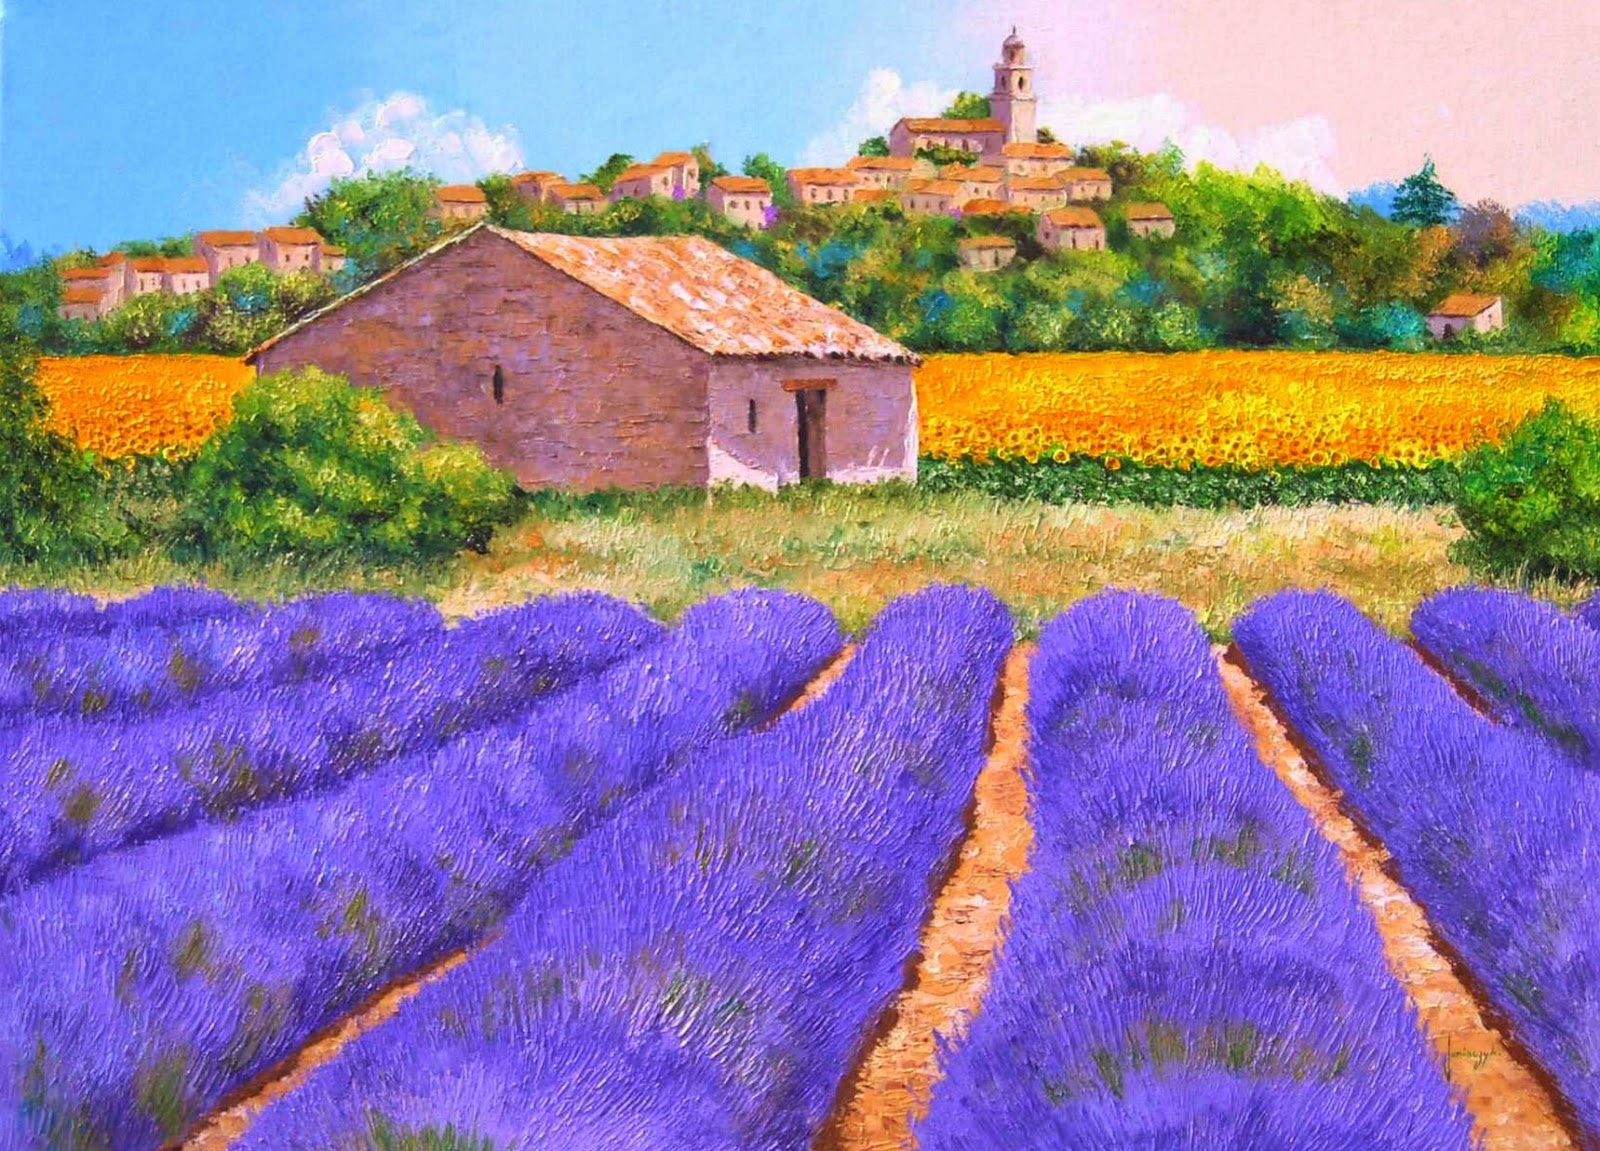 paisajes-modernos-pintados-con-espatula